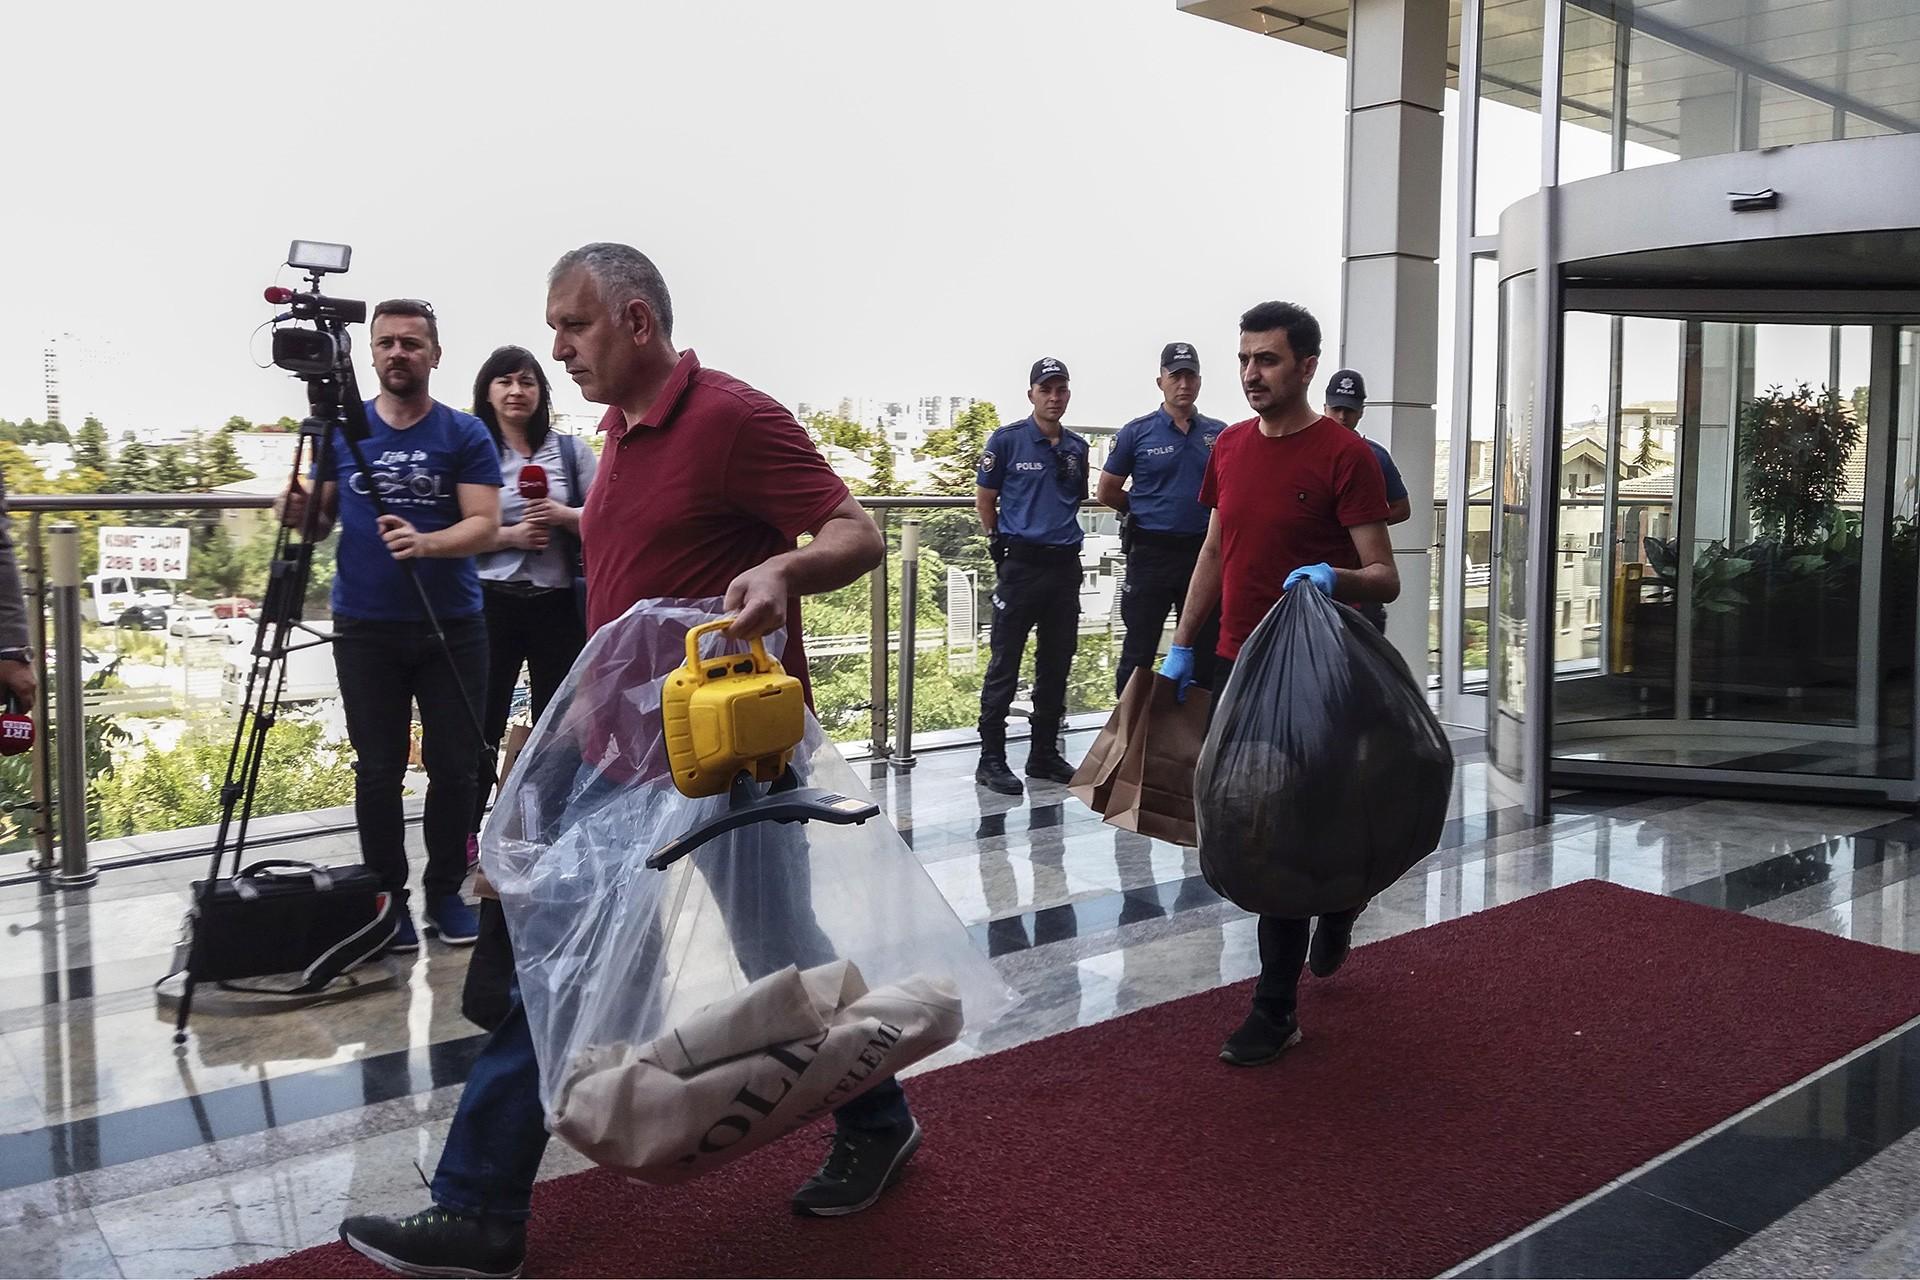 Şule Çet'in hayatını kaybettiği plazada bilirkişi eşliğinde inceleme yapıldı